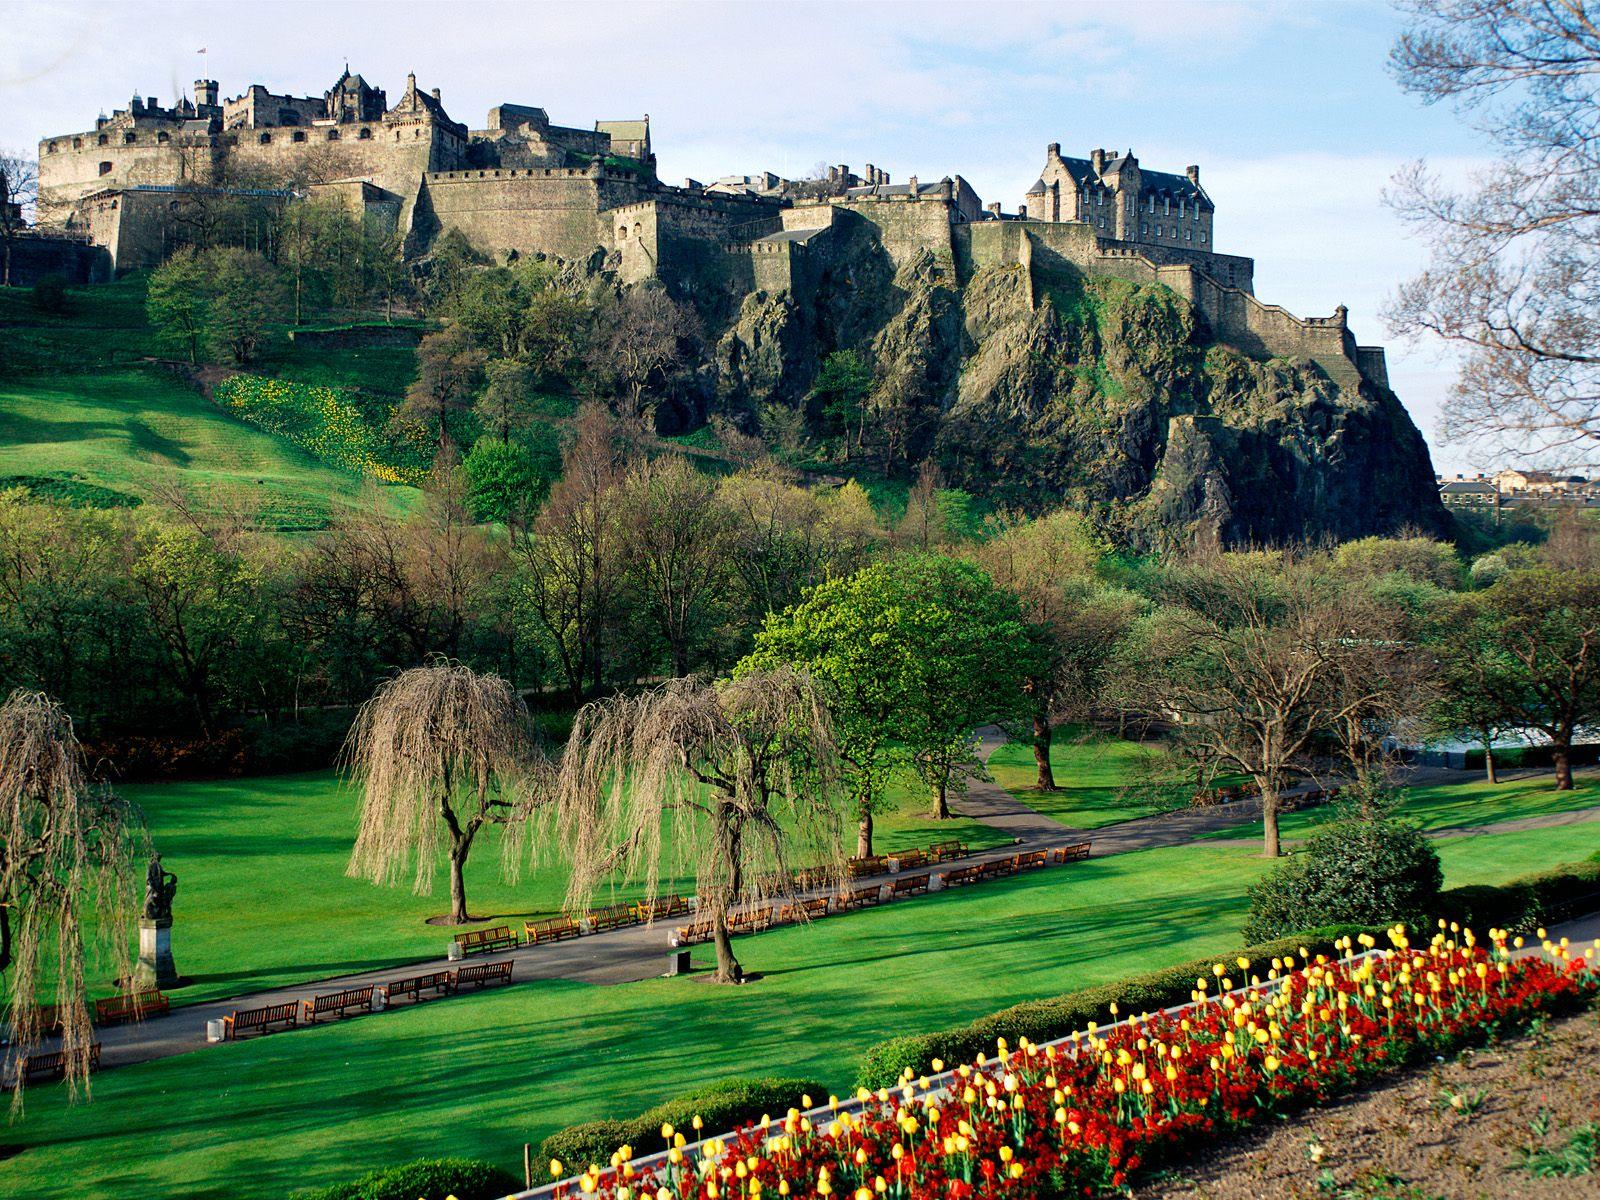 http://4.bp.blogspot.com/-bvfPwnNs_aE/TkcpURnWLLI/AAAAAAAAADI/QUTmSnezHQQ/s1600/Edinburg%252C+Scotland.jpg